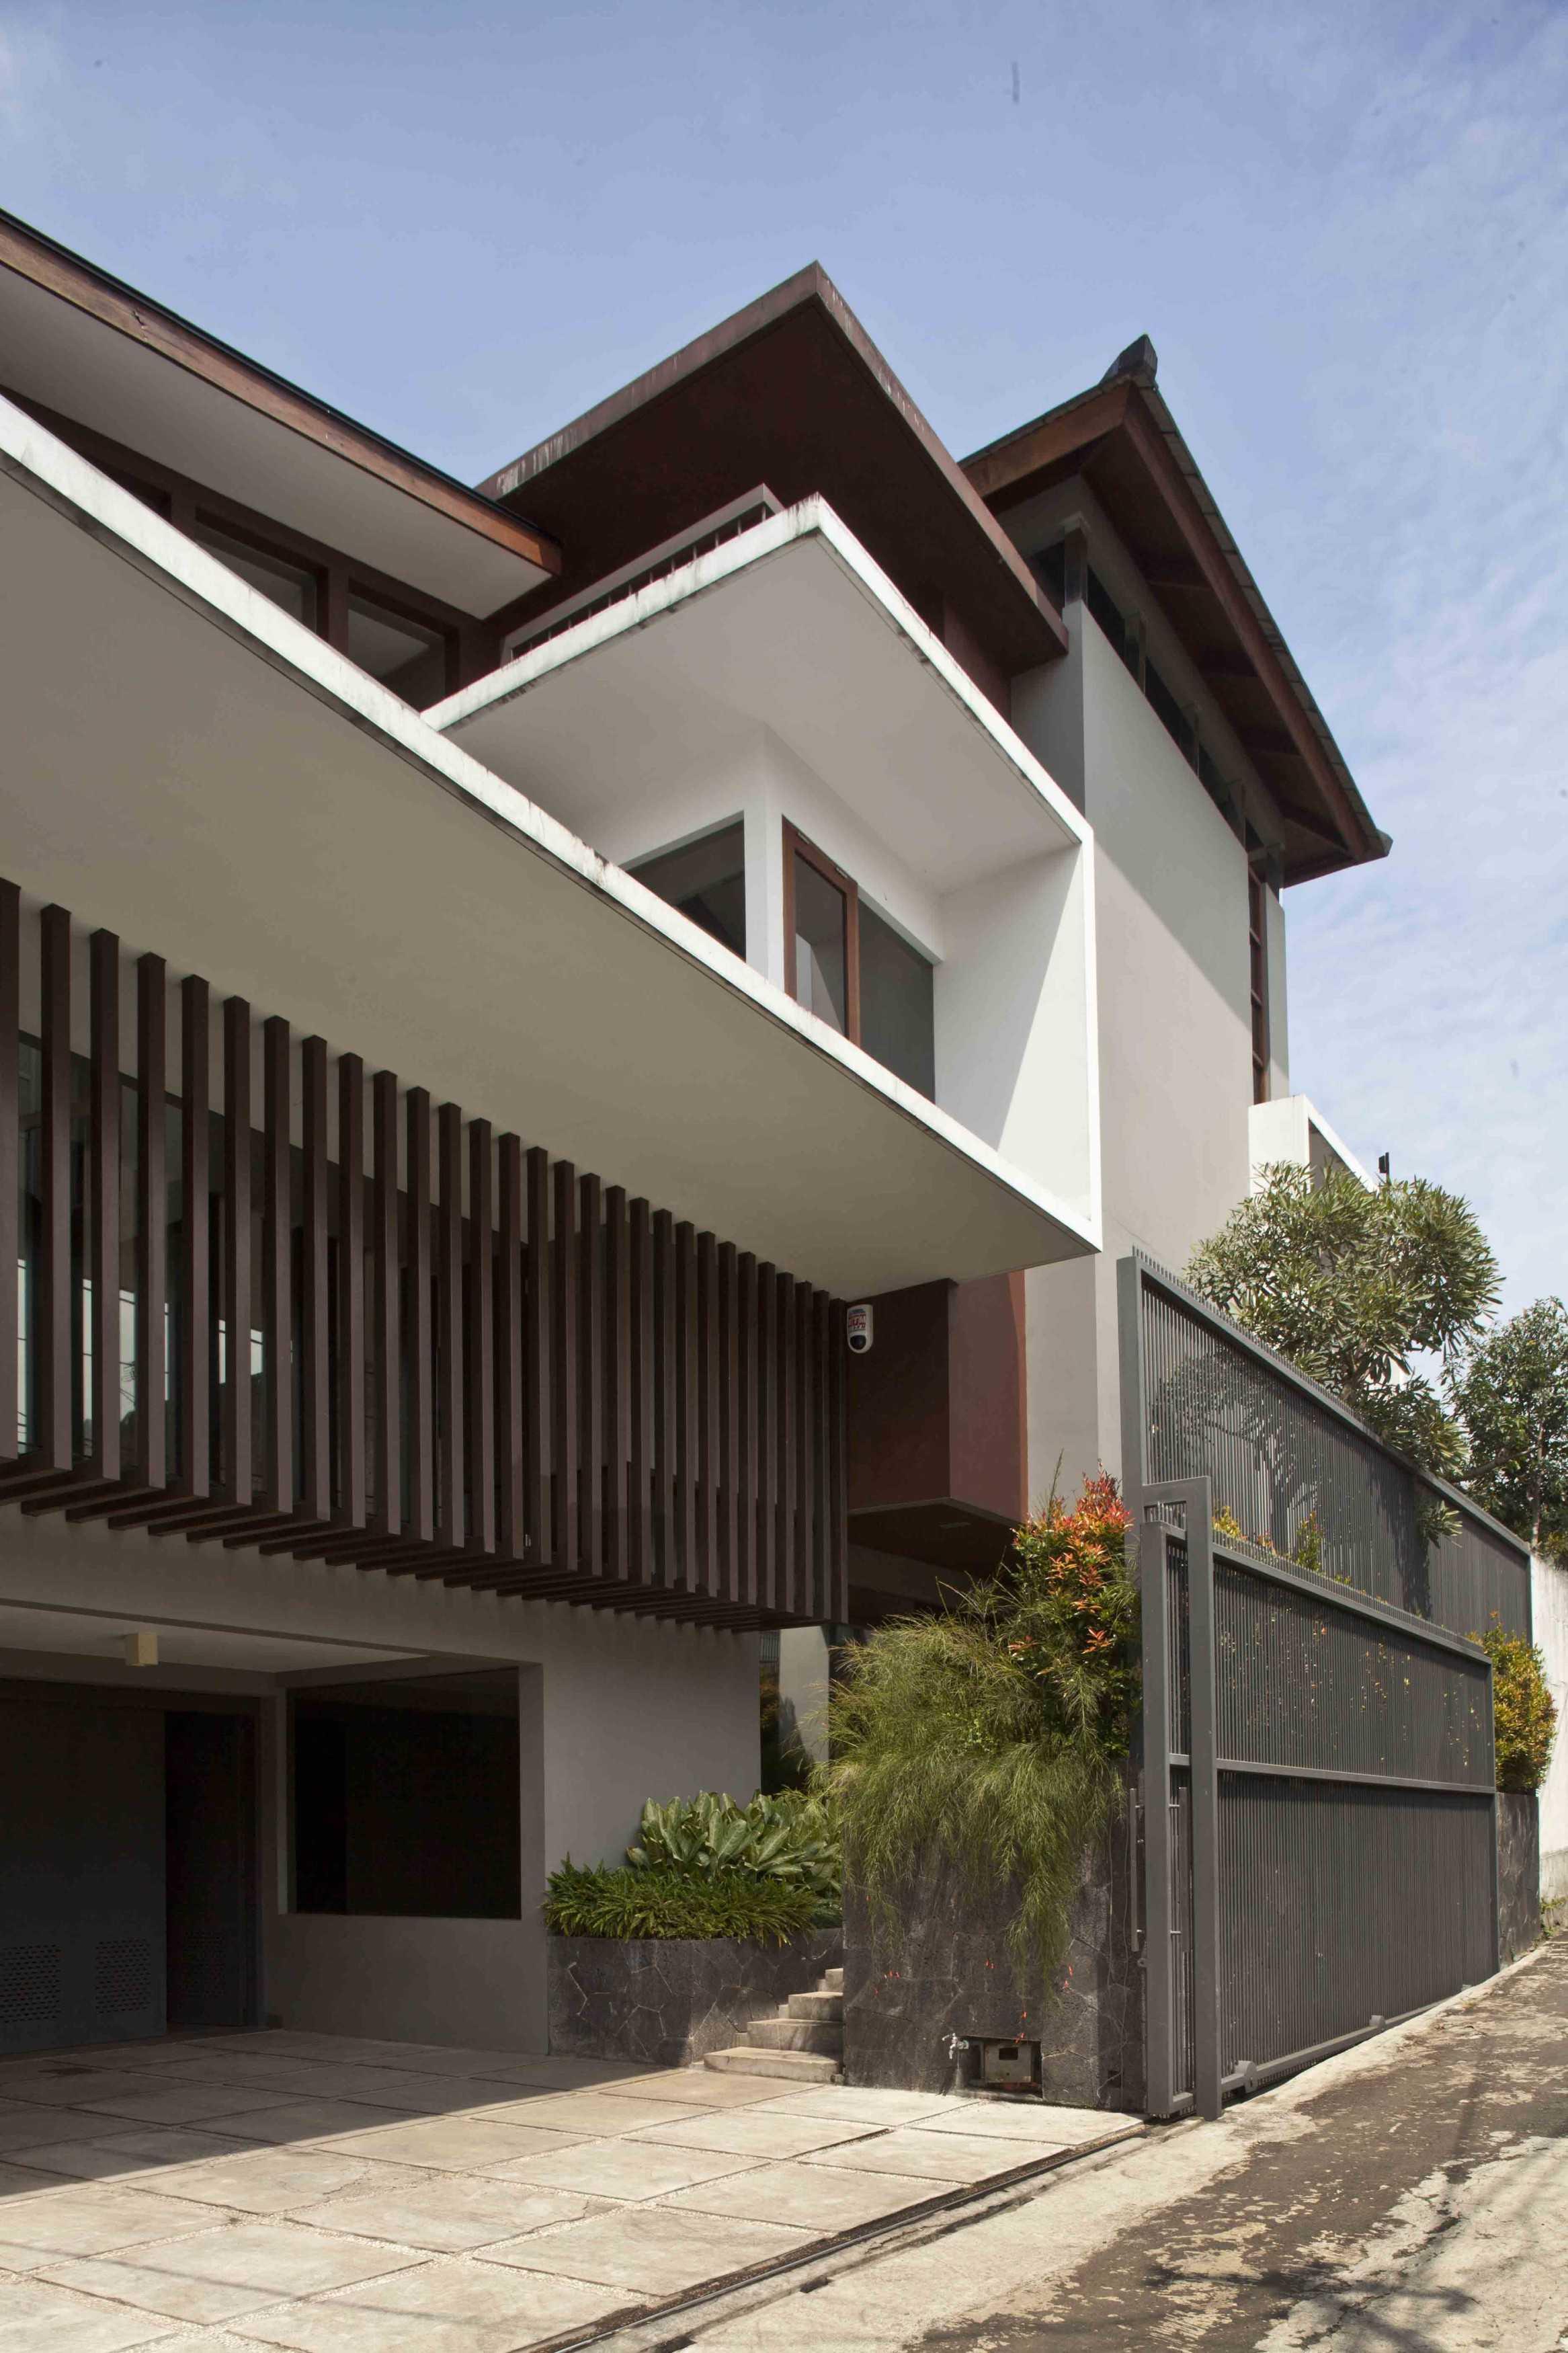 Wastu Cipta Parama Karang Mulia House Bandung, Kota Bandung, Jawa Barat, Indonesia Bandung, Kota Bandung, Jawa Barat, Indonesia Eksterior Modern  79065